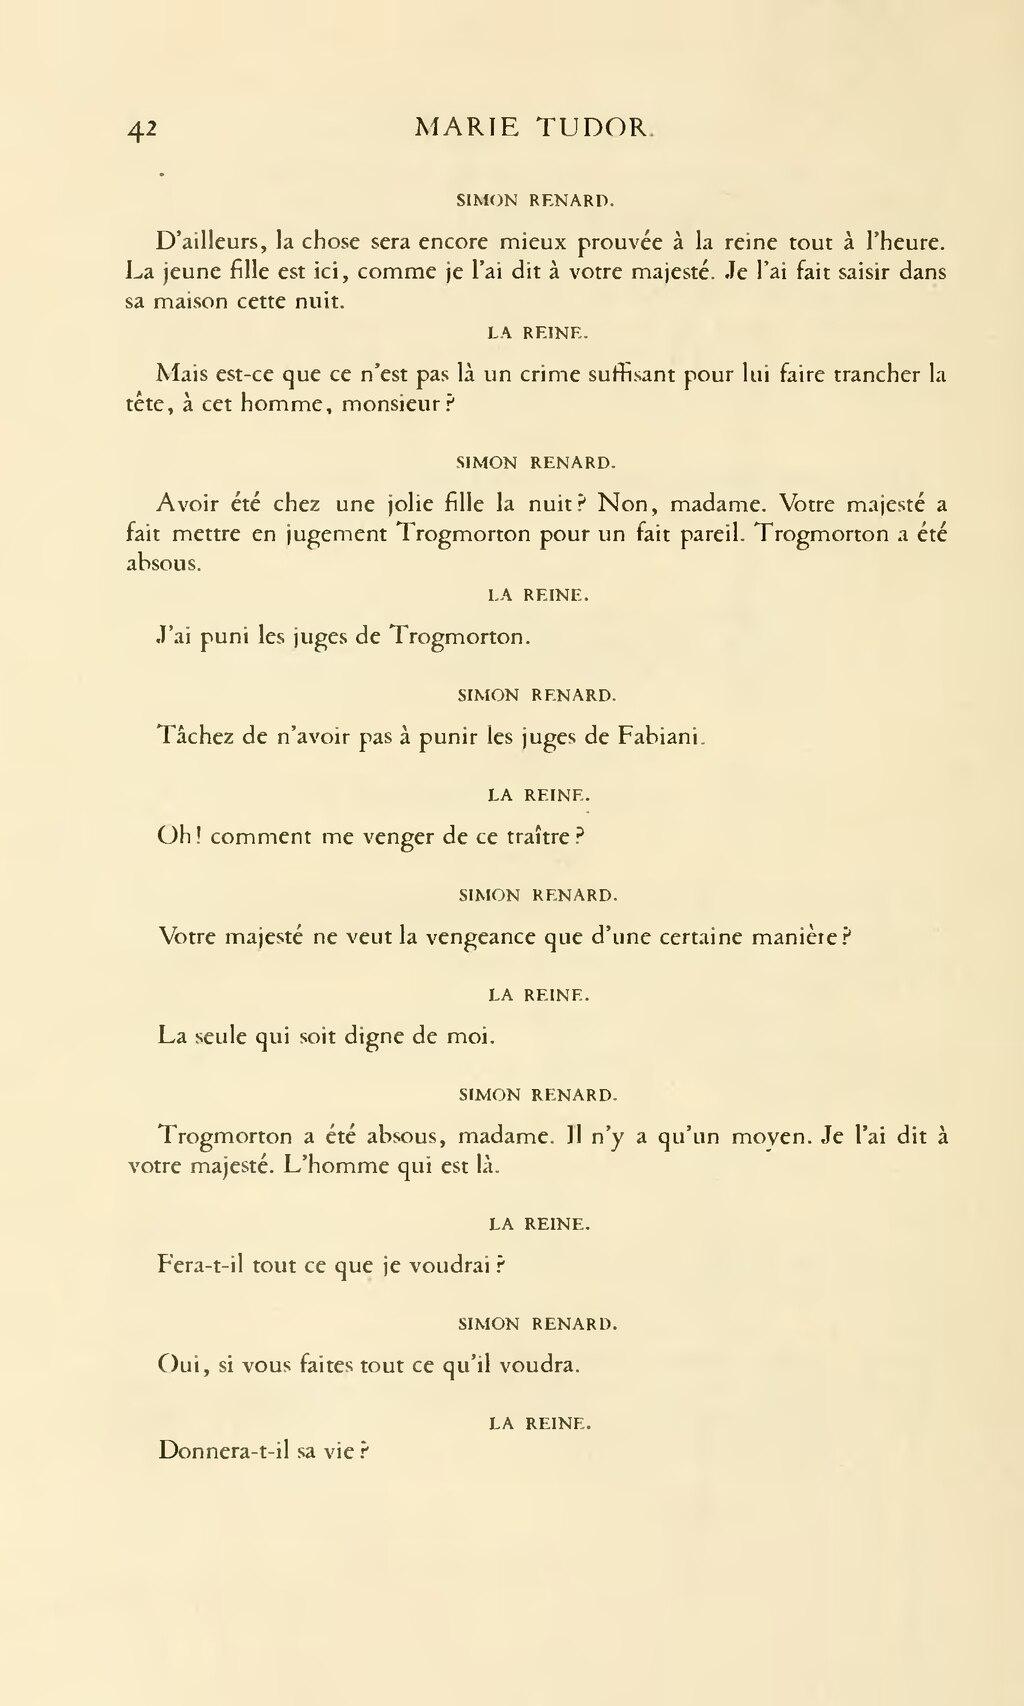 Vengeance Fille De La Nuit : vengeance, fille, Page:Hugo, Œuvres, Complètes,, Impr., Nat.,, Théâtre,, III.djvu/56, Wikisource